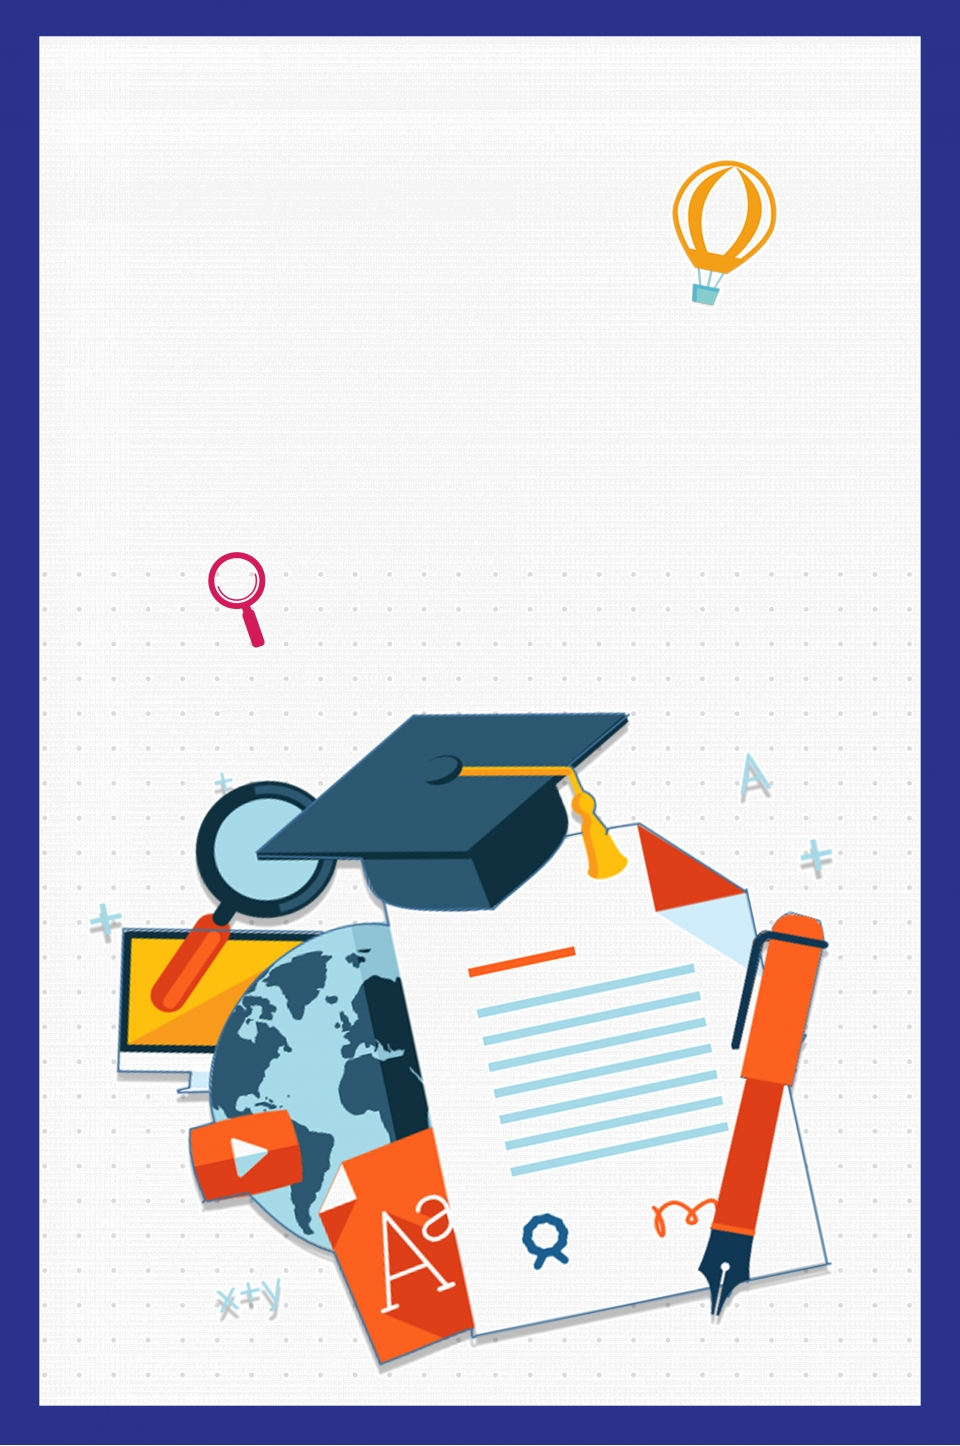 Nhắn nhủ dành cho học sinh/sinh viên mới nhập học trường IETC